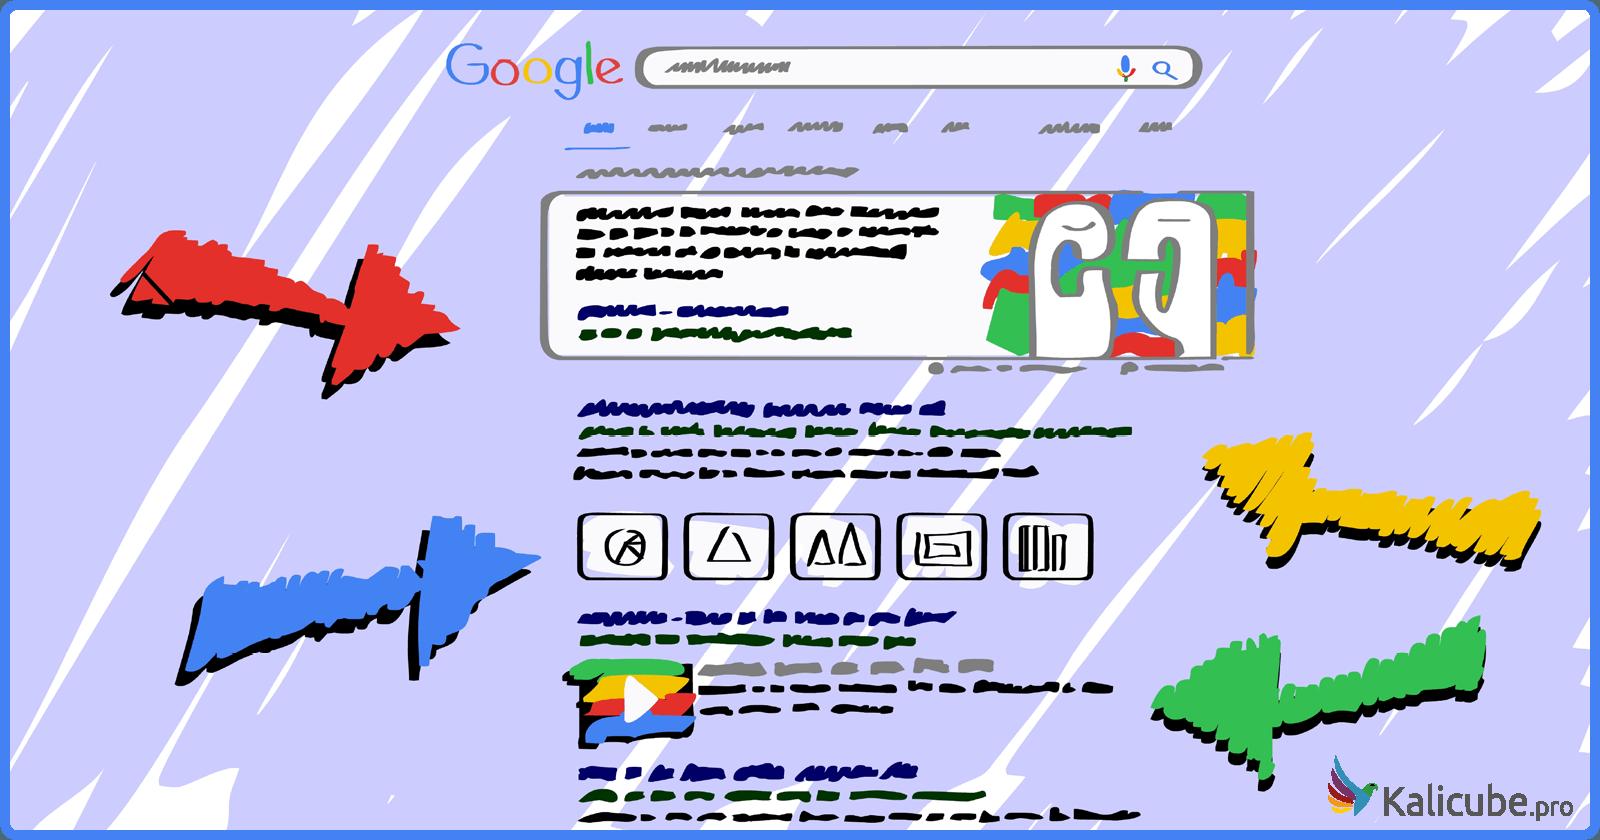 Comment fonctionne le classement dans la recherche Google – Le darwinisme dans la recherche